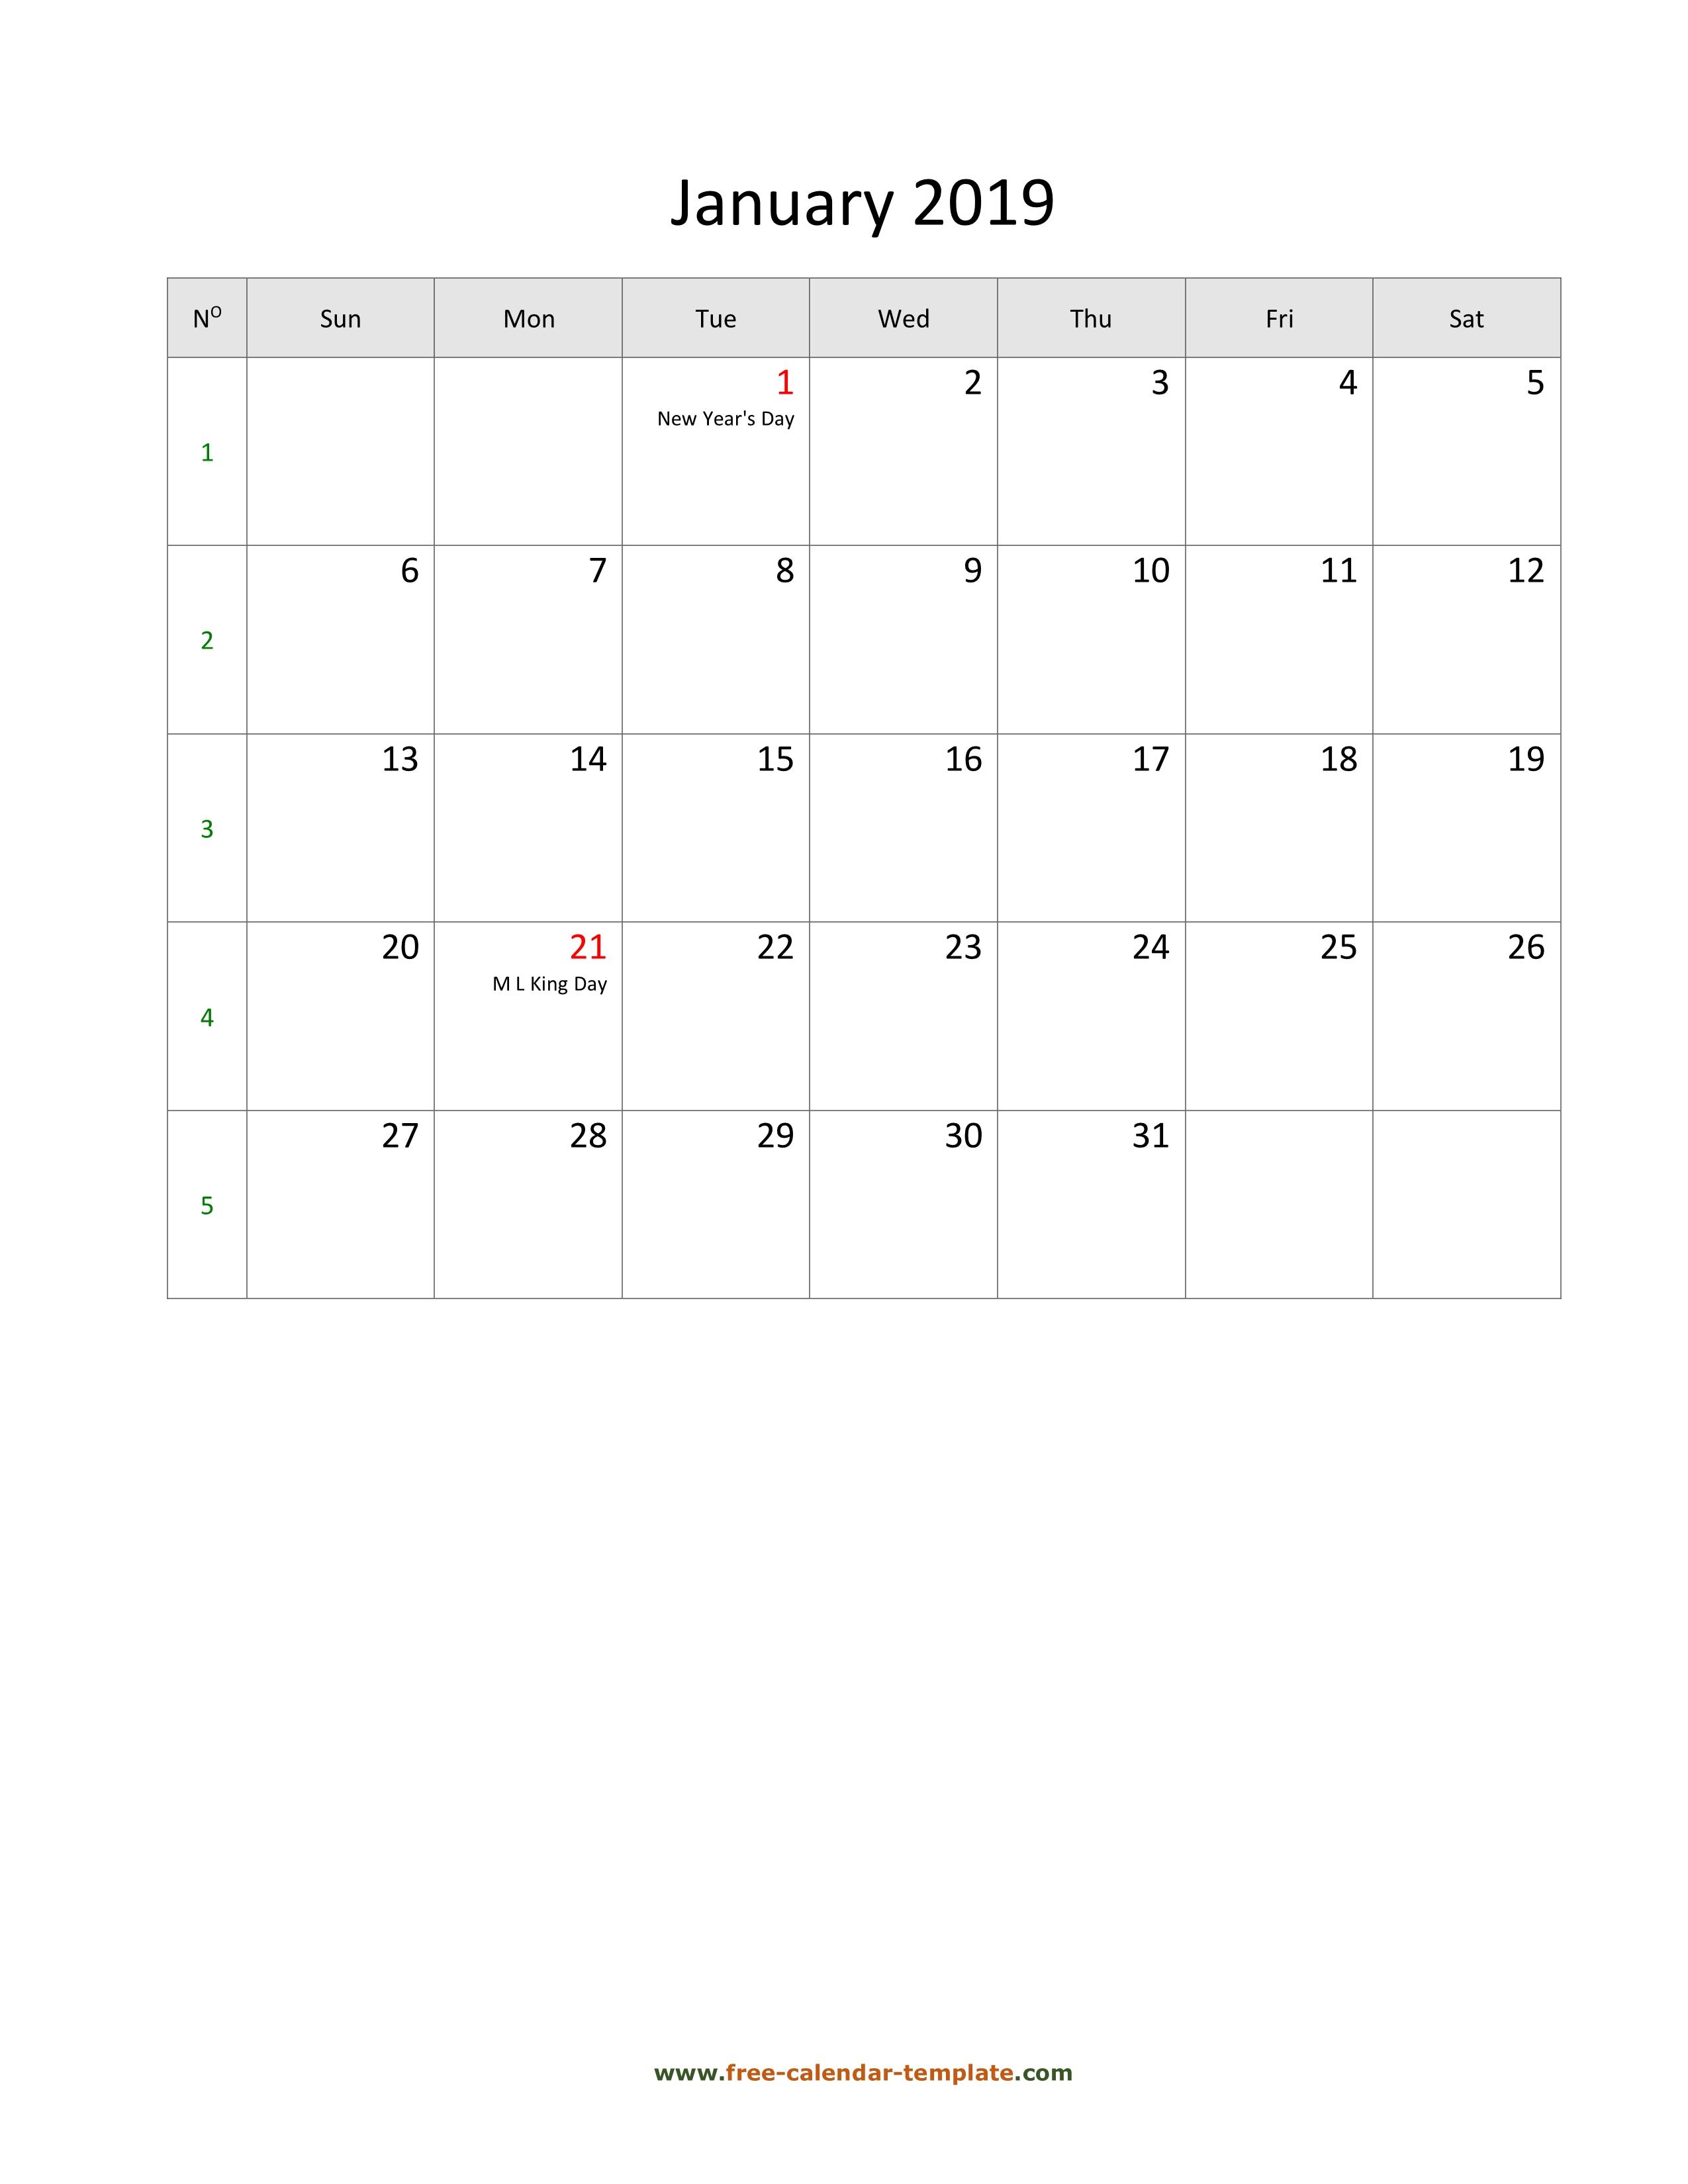 2019 Monthly Calendar Blank Vertical Template Free Calendar